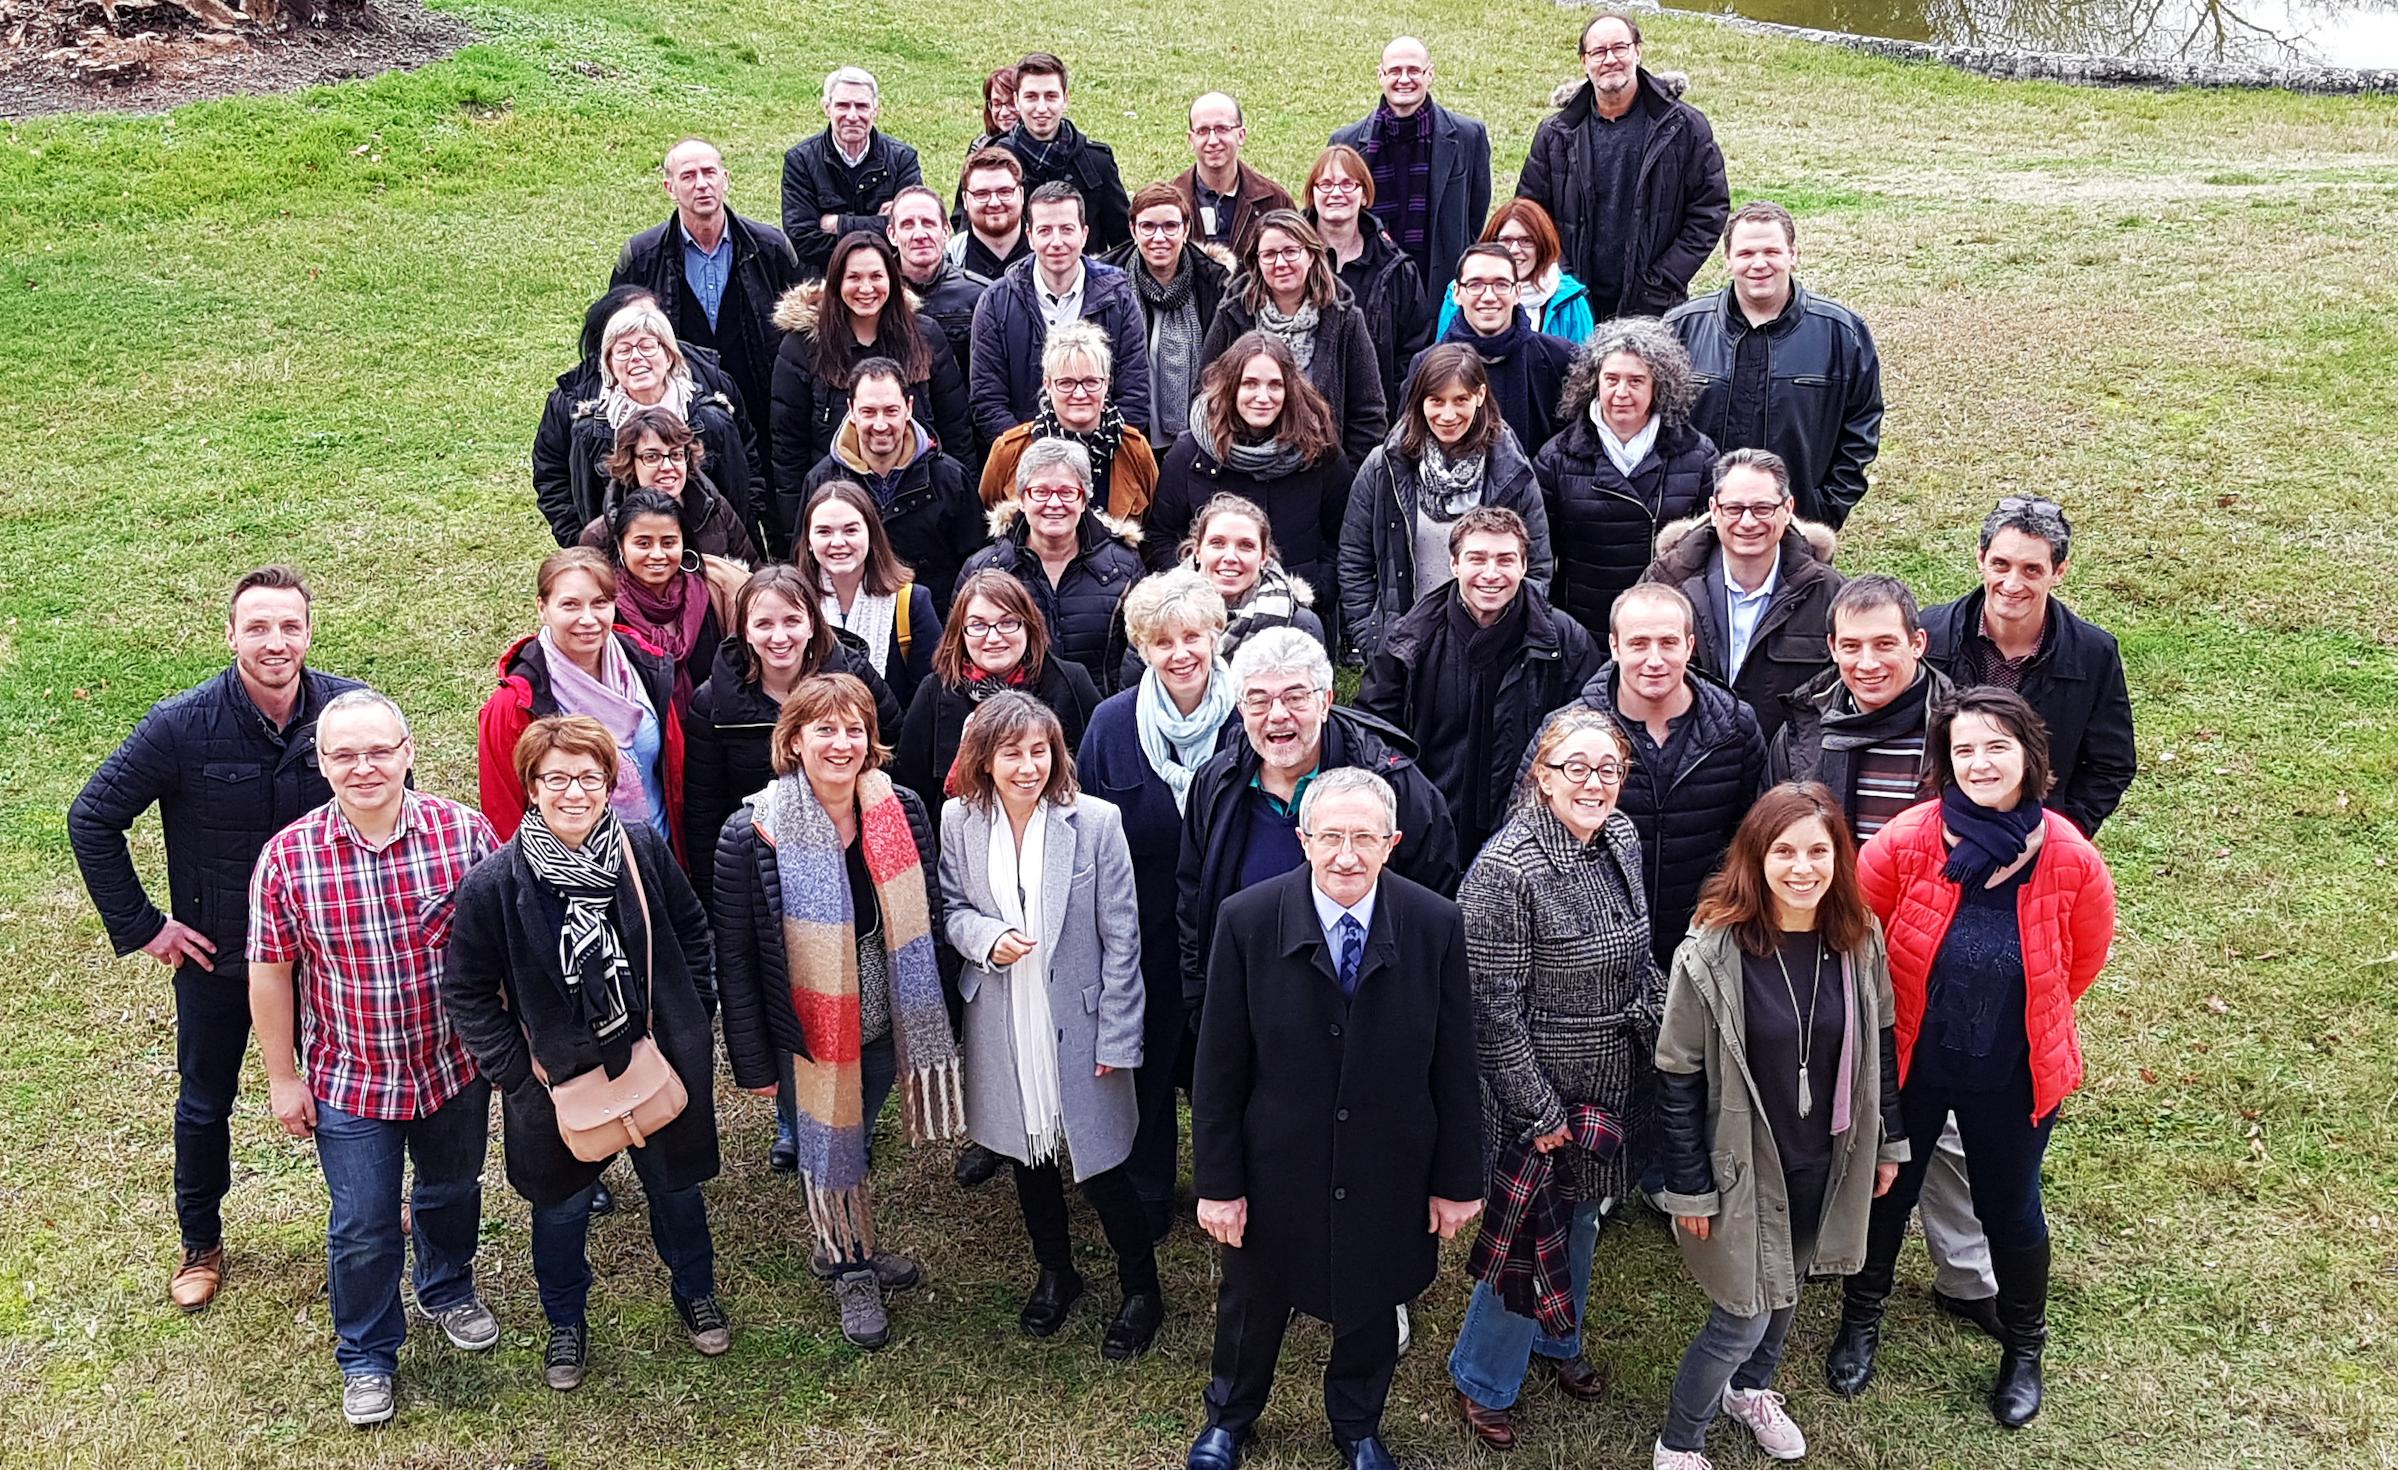 Les collaborateurs de la CRMA réunis autour du projet de mandature